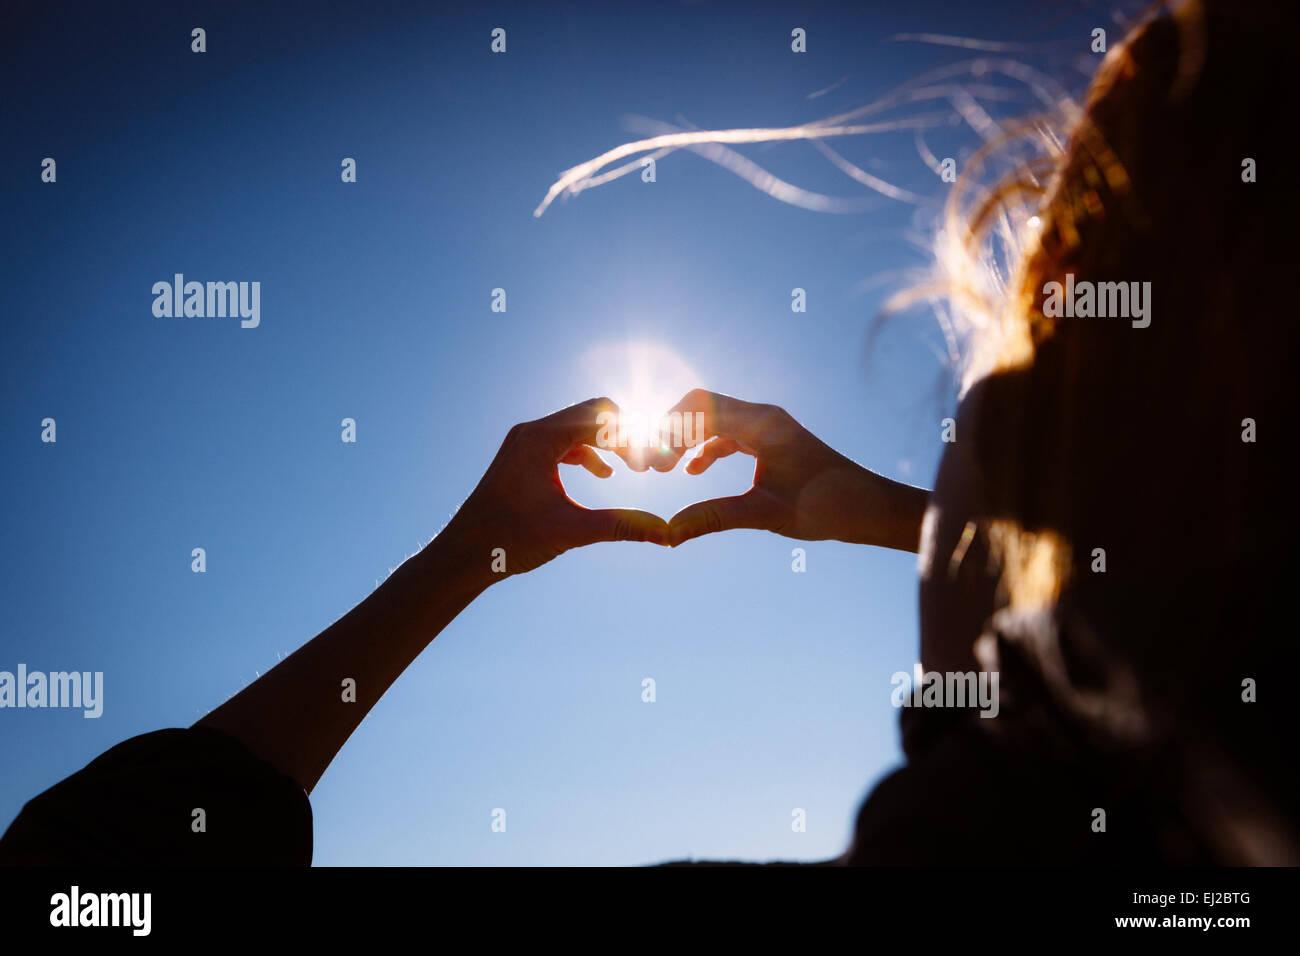 Händen Liebesspiel Form unterzeichnen am strahlend blauen Himmel. Stockbild